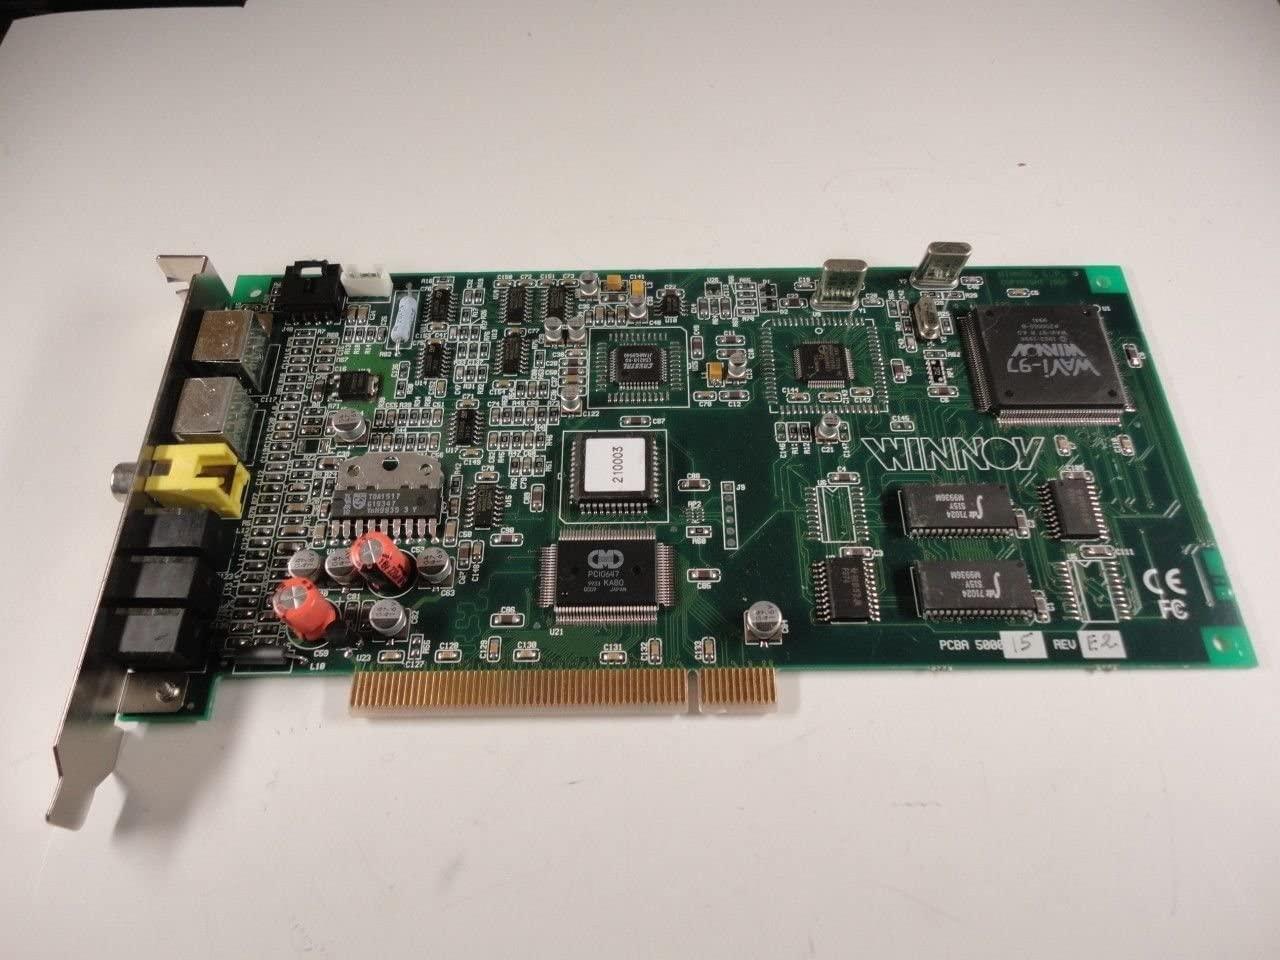 WINNOV - Sound Card PCI WINNOV PCBA 500015 REV E2 DP/N 0544HR